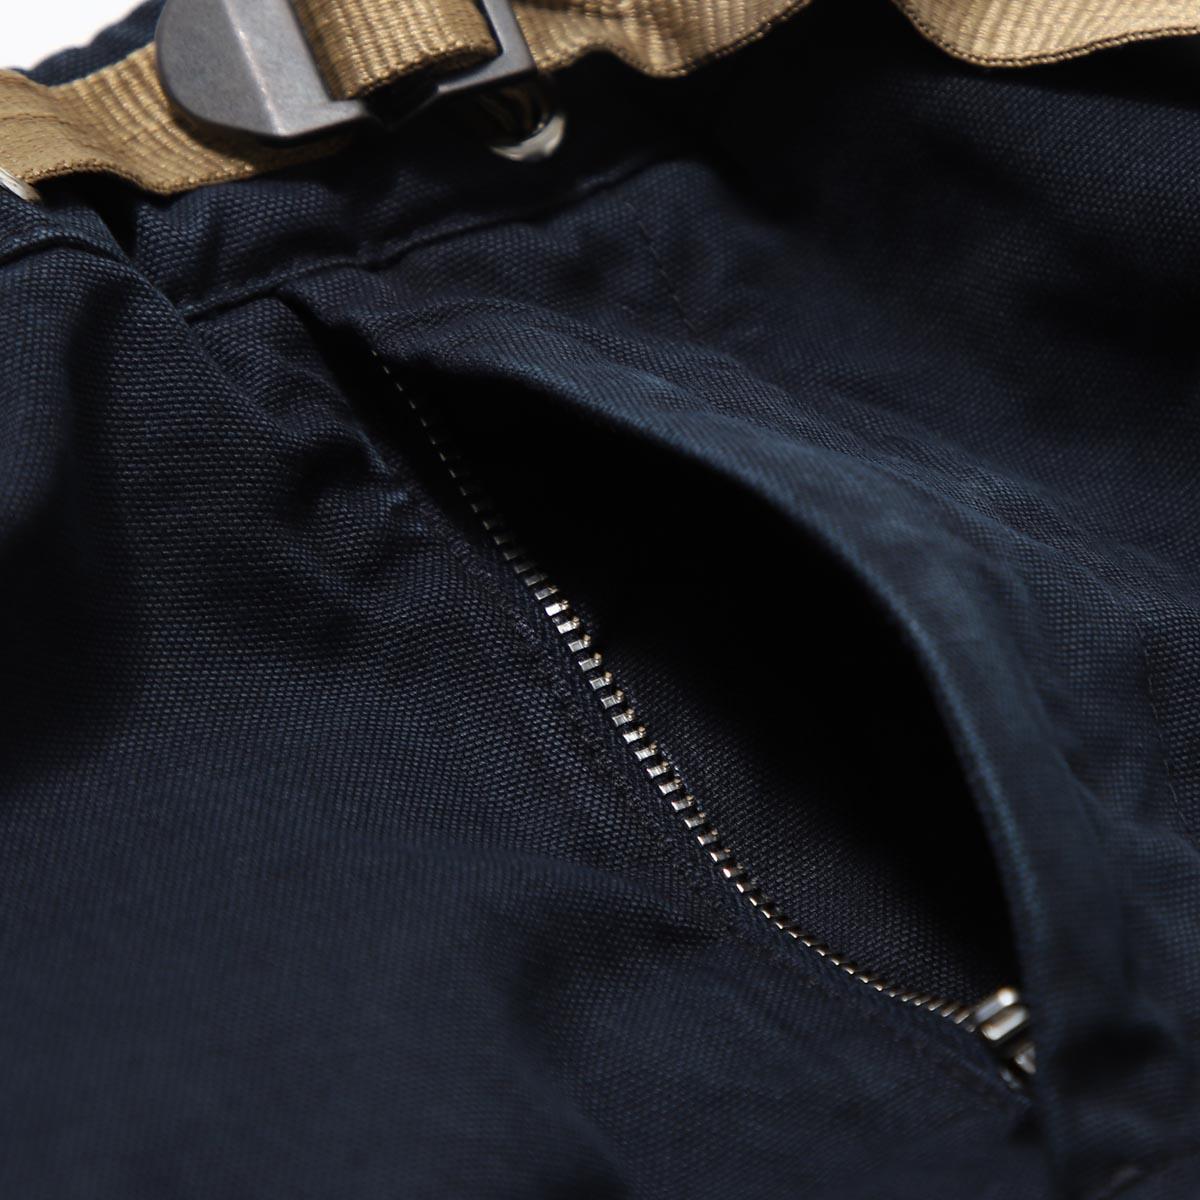 【大感謝祭】【アウトレット】White Sand ホワイトサンド ベルト付き カーゴパンツ メンズ